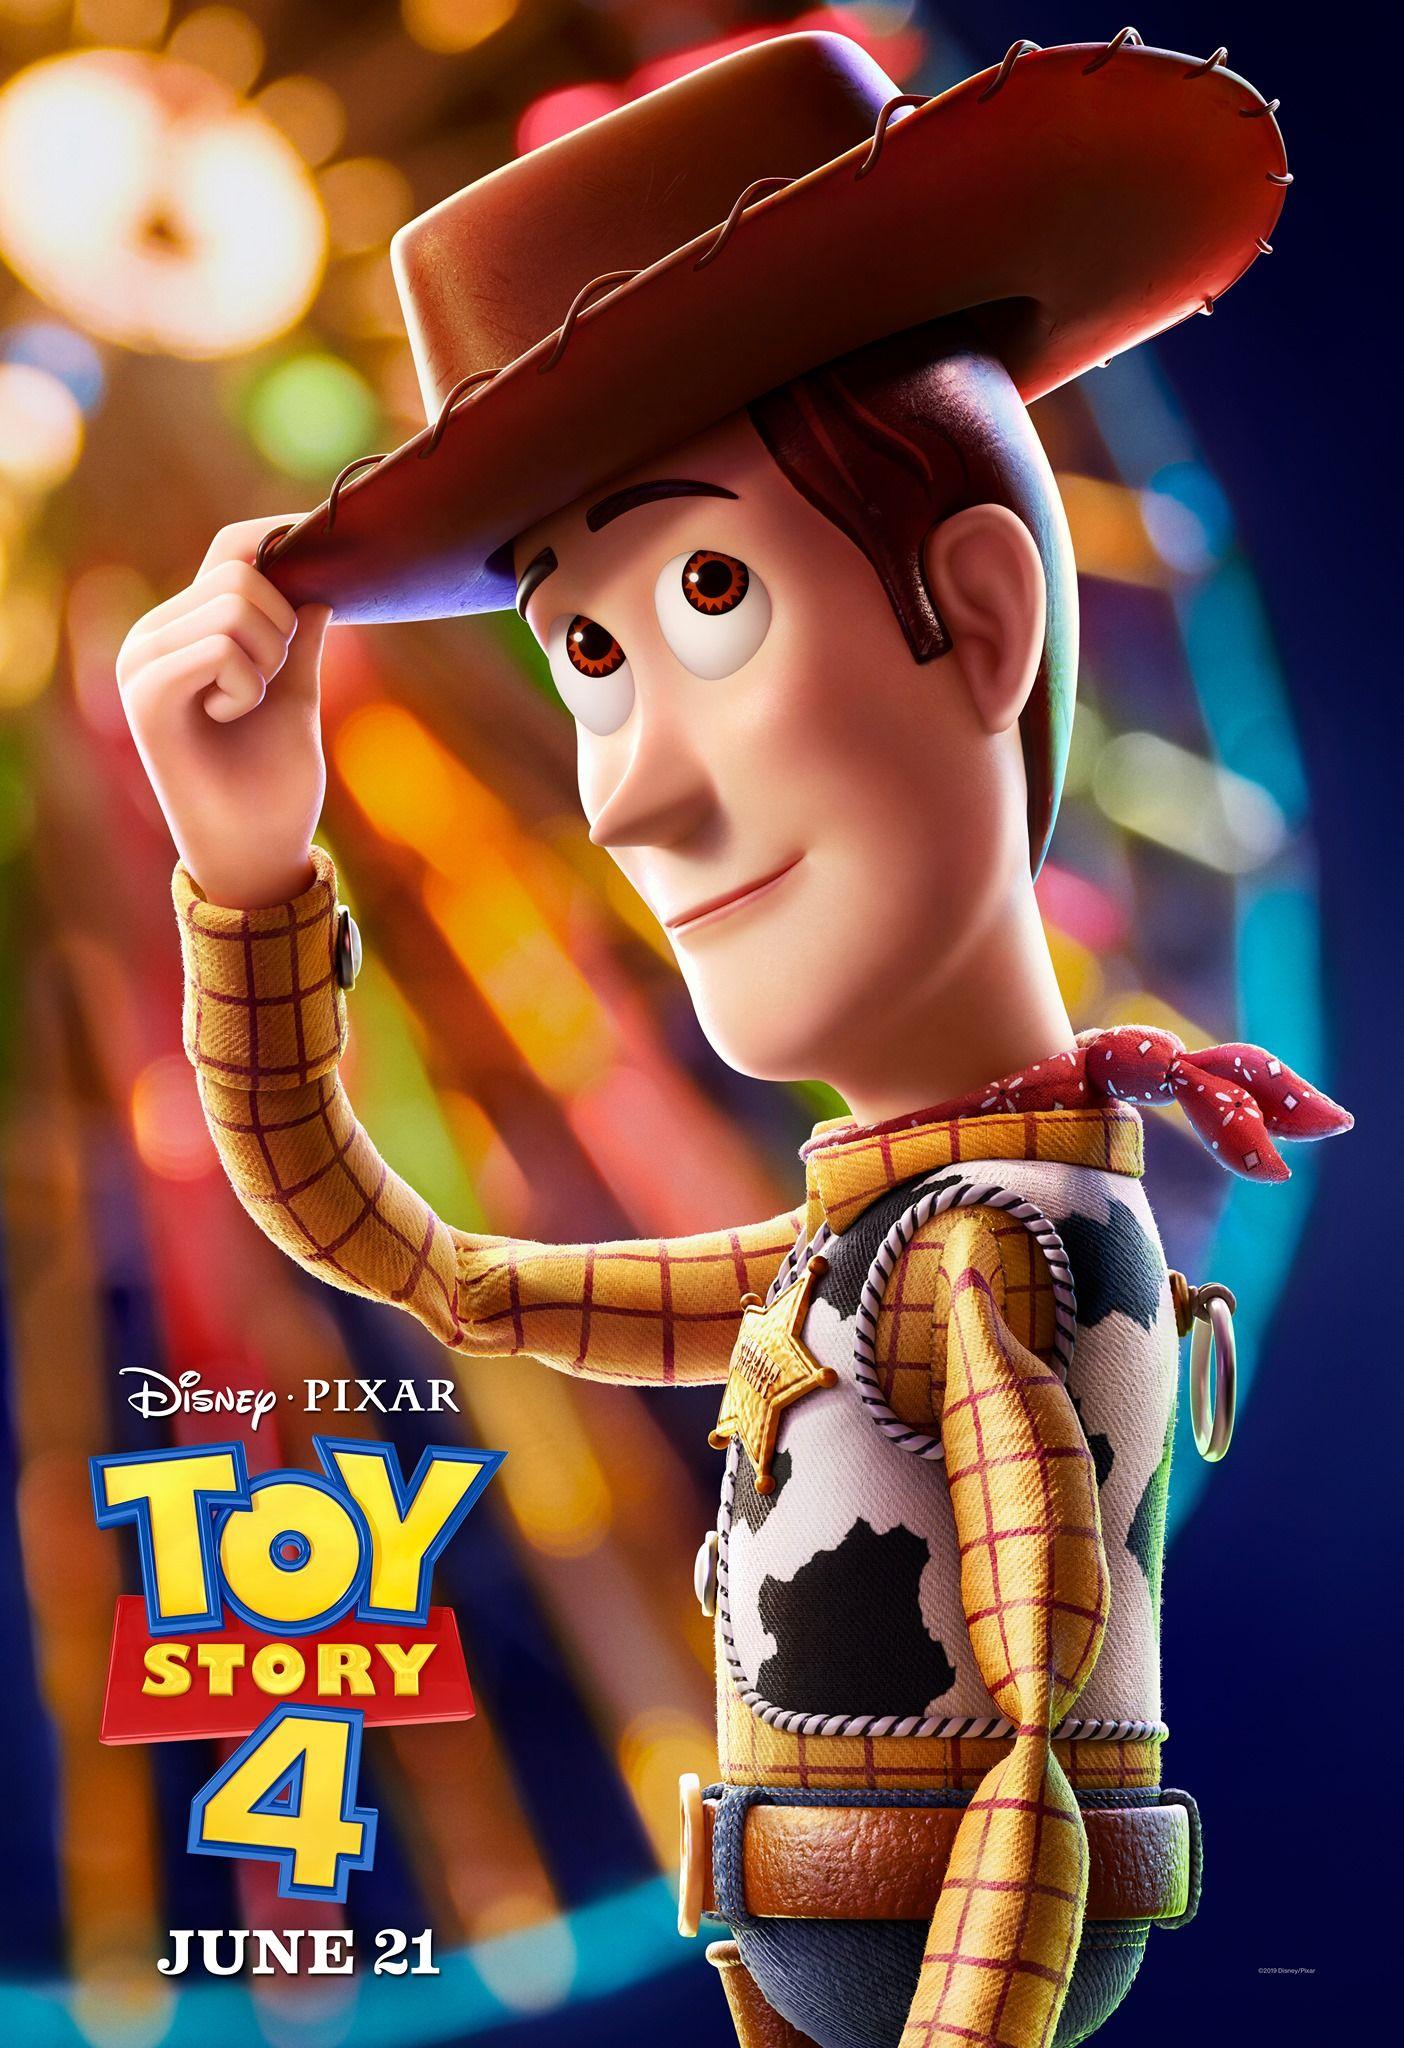 Toy Story 4 Posters De Personajes Sombras De Rebelion Filmes De Animacao Posteres De Filmes Toy Story